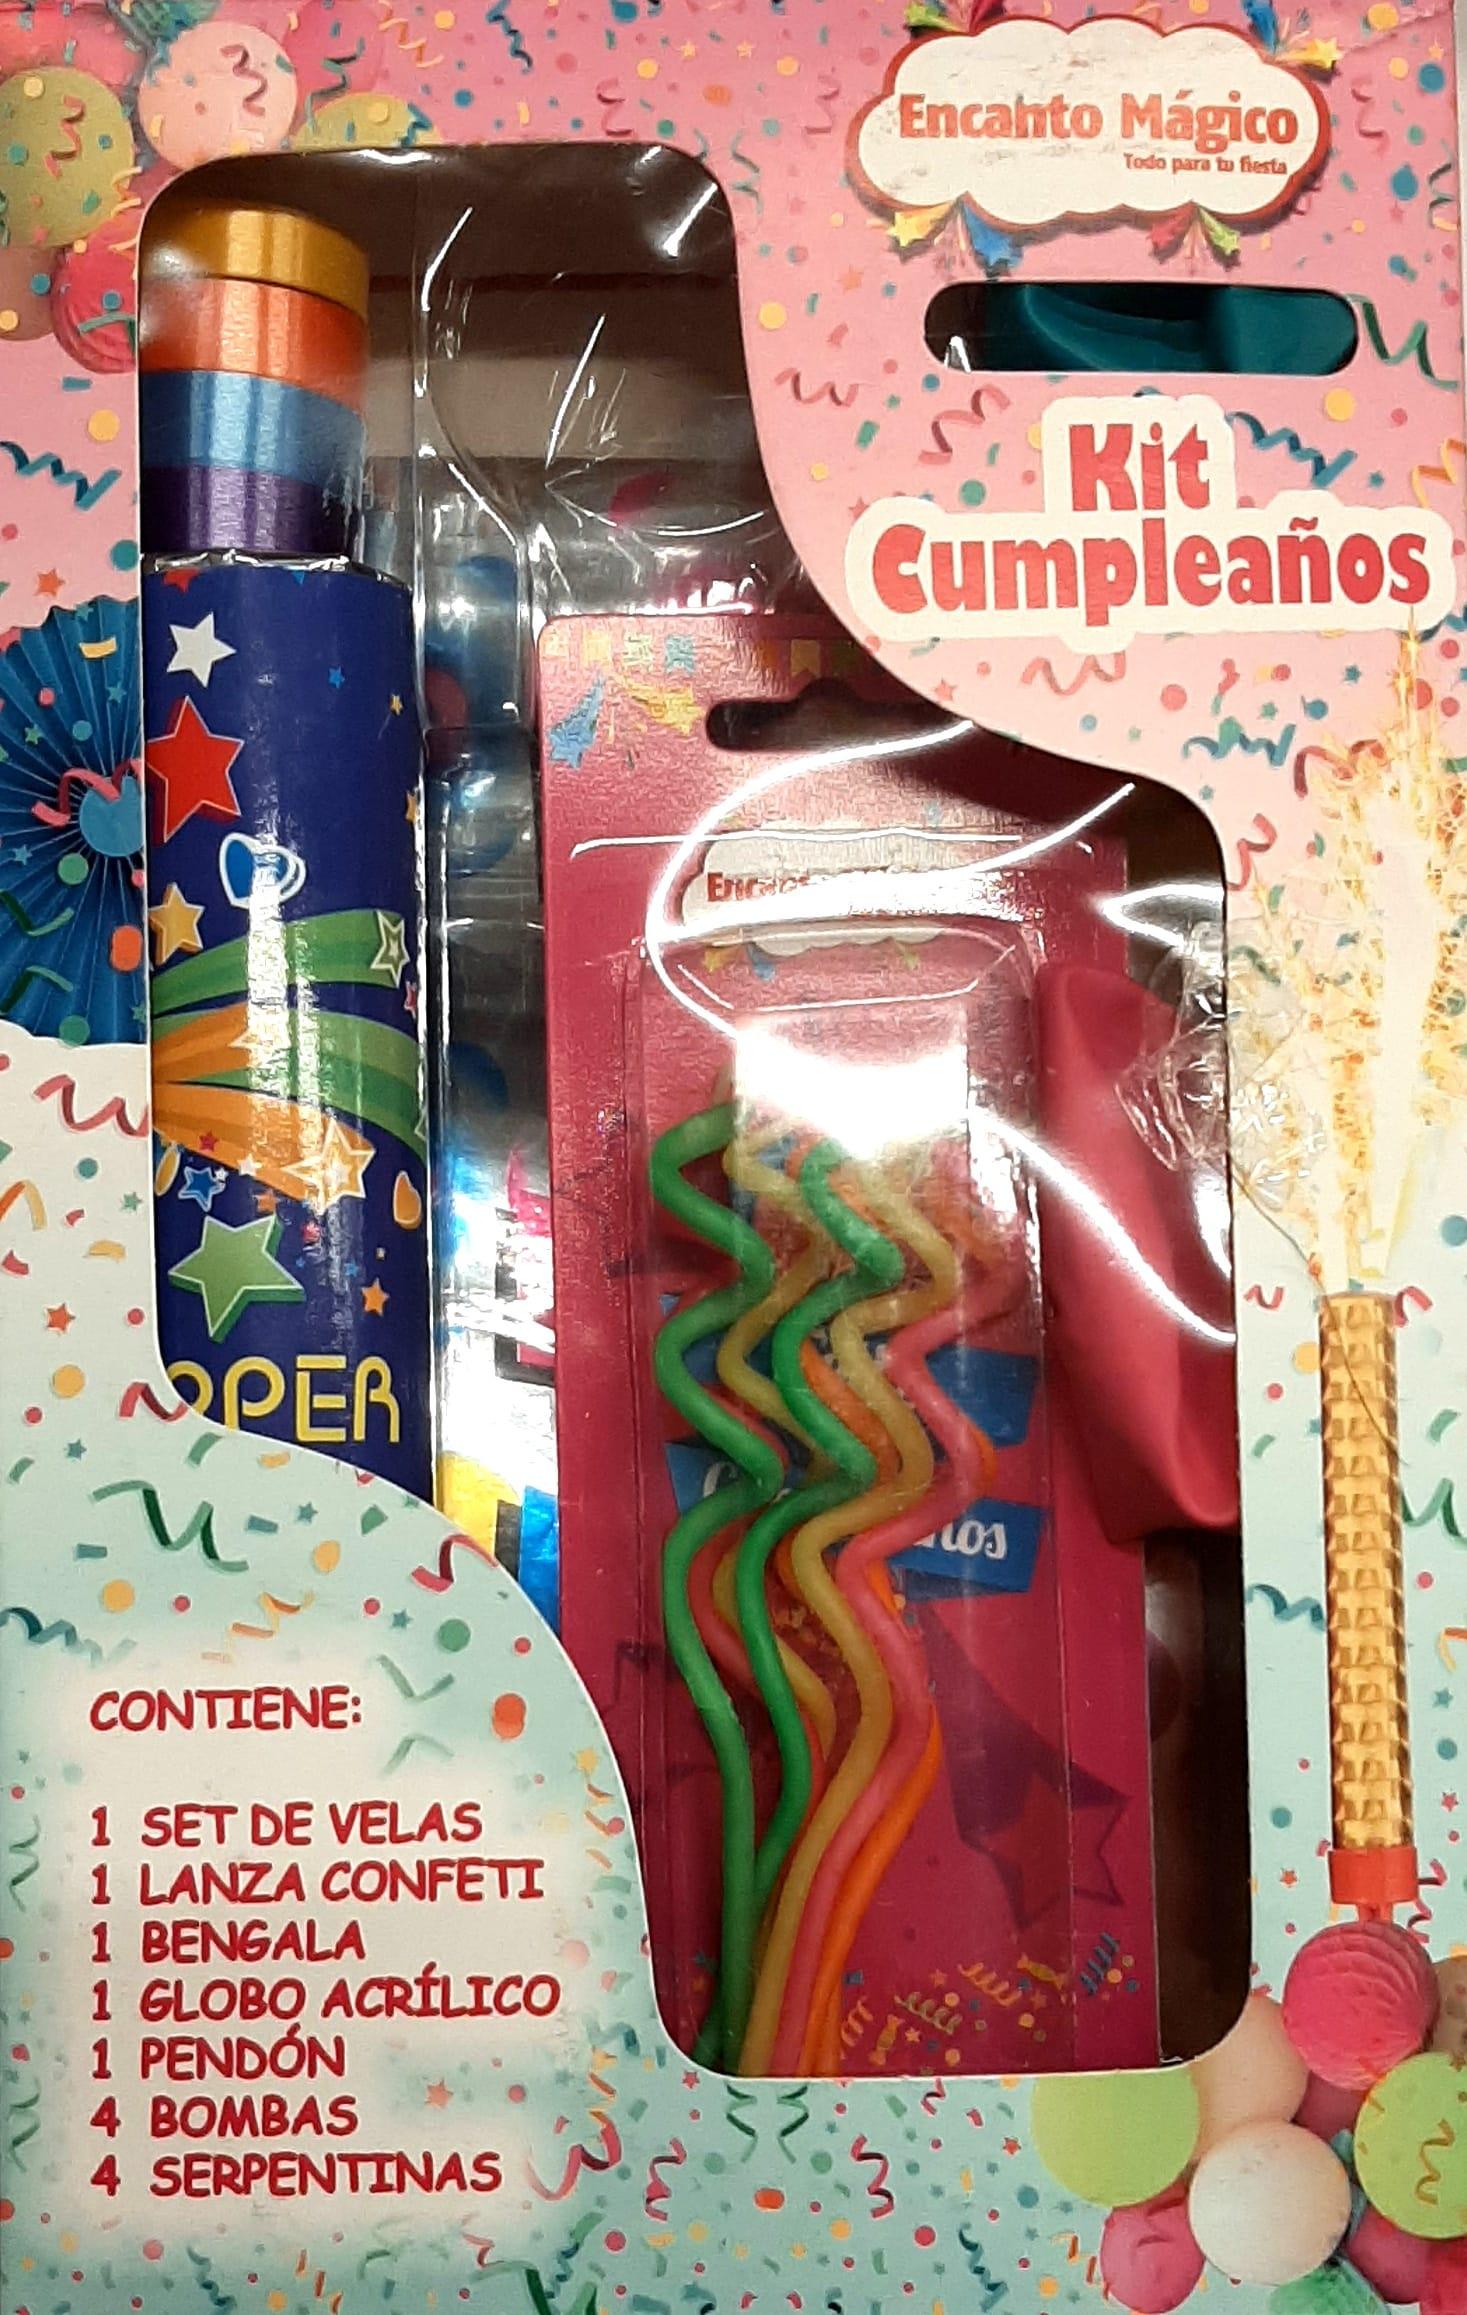 kit Cumpleaños Encanto Magico